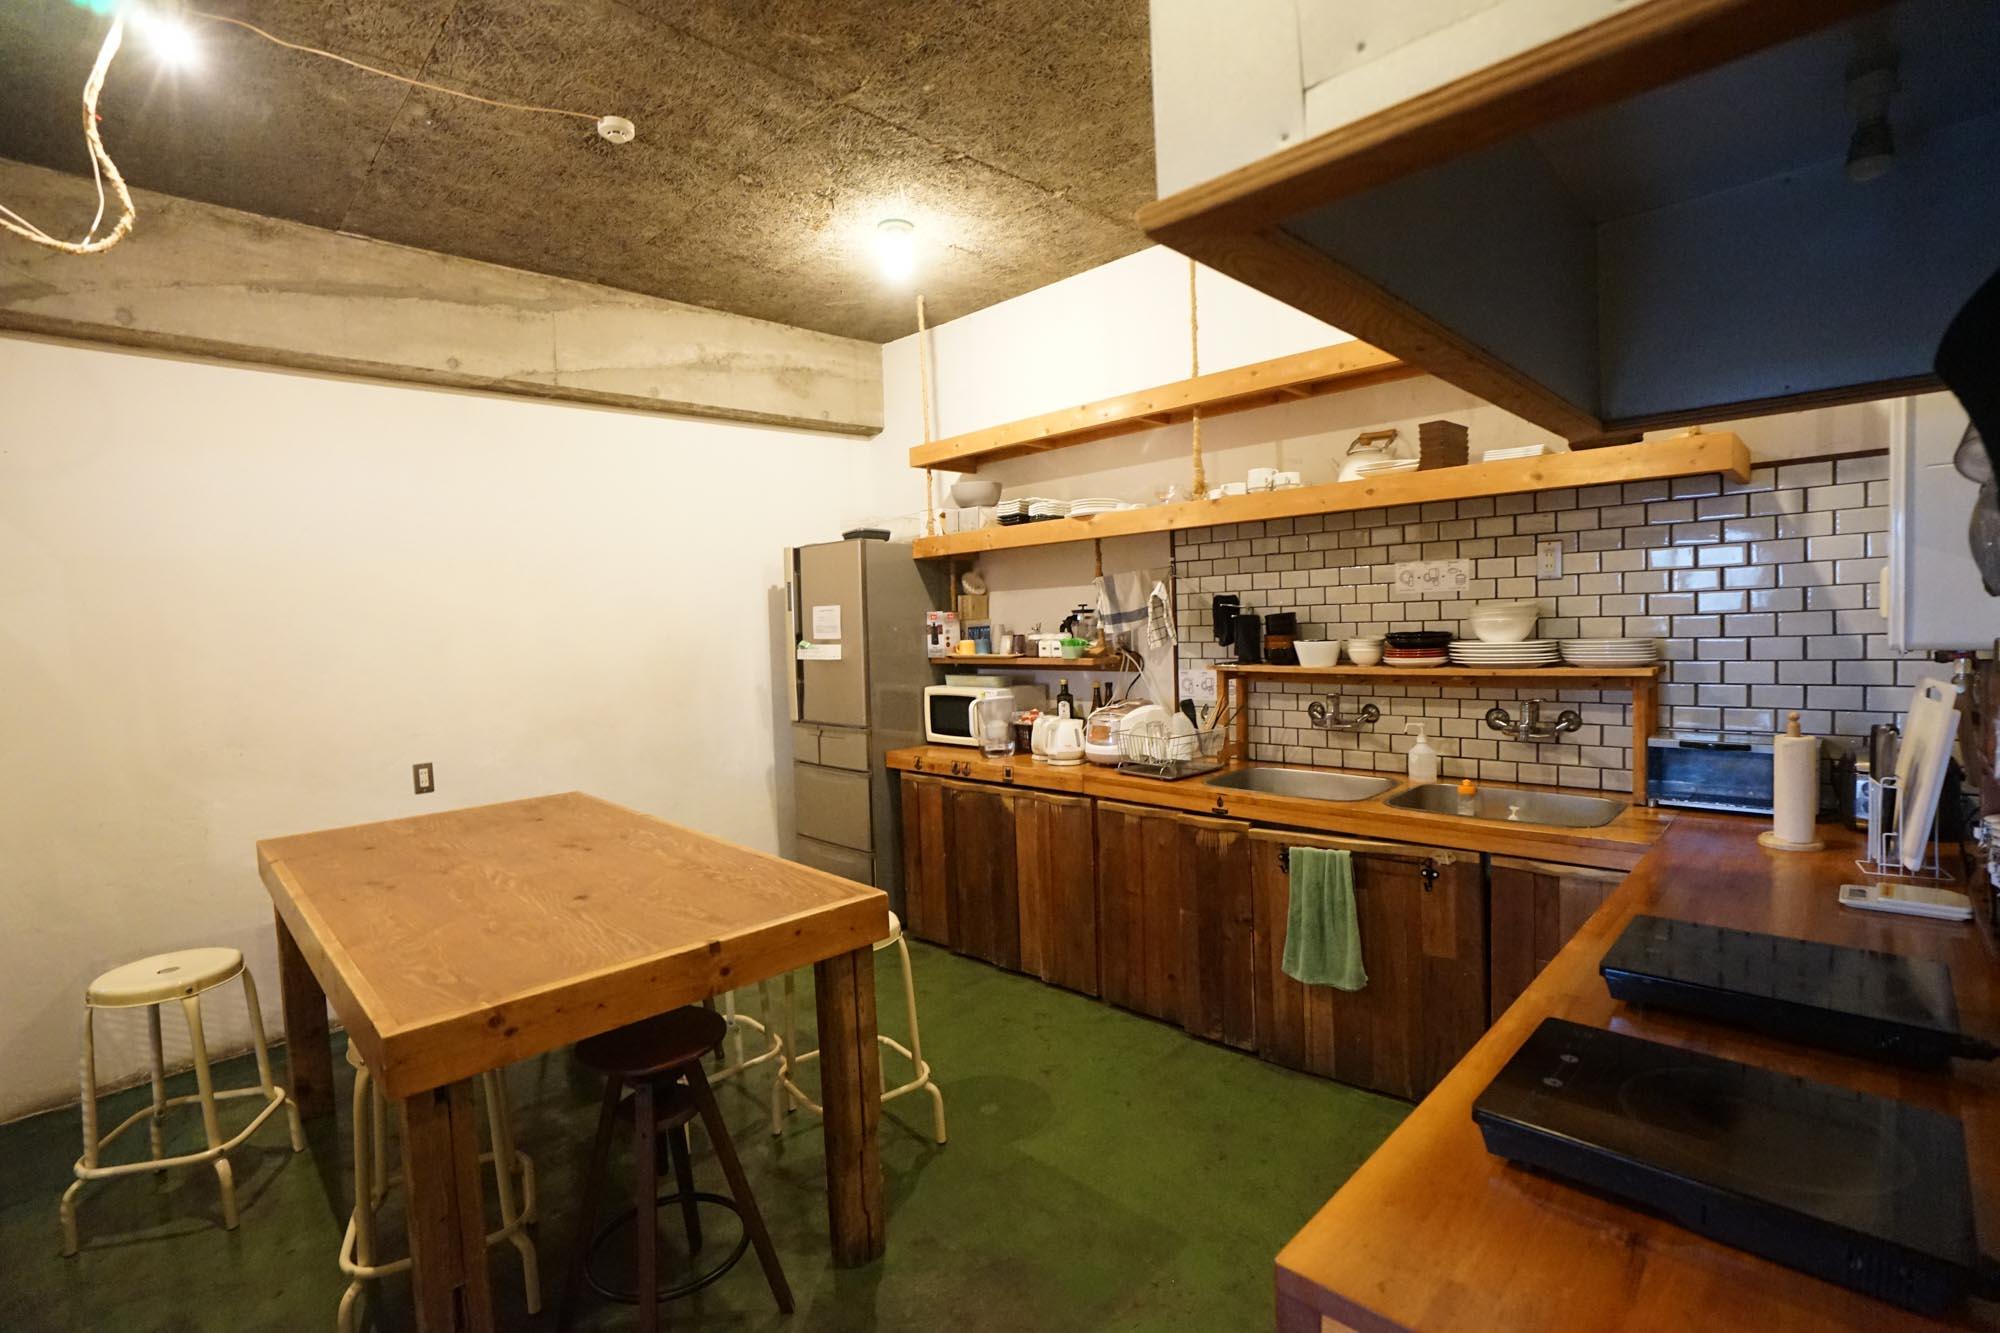 一人暮らしのキッチンよりも広いスペースが使える、宿泊者専用のキッチン。